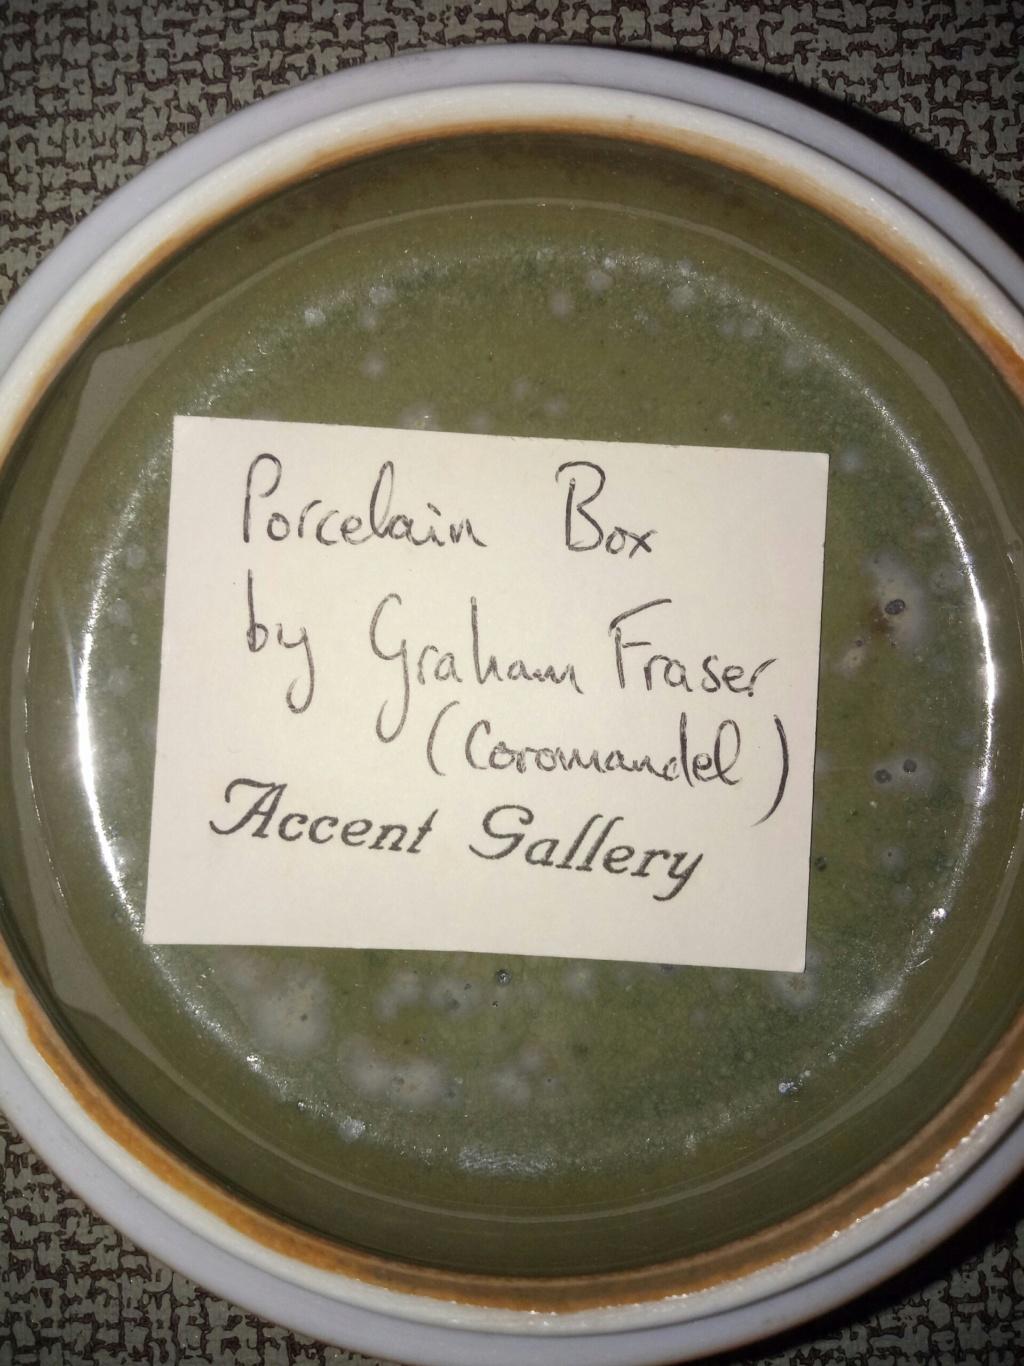 Mark for the Gallery - Graham Fraser - Coromandel Img_2011